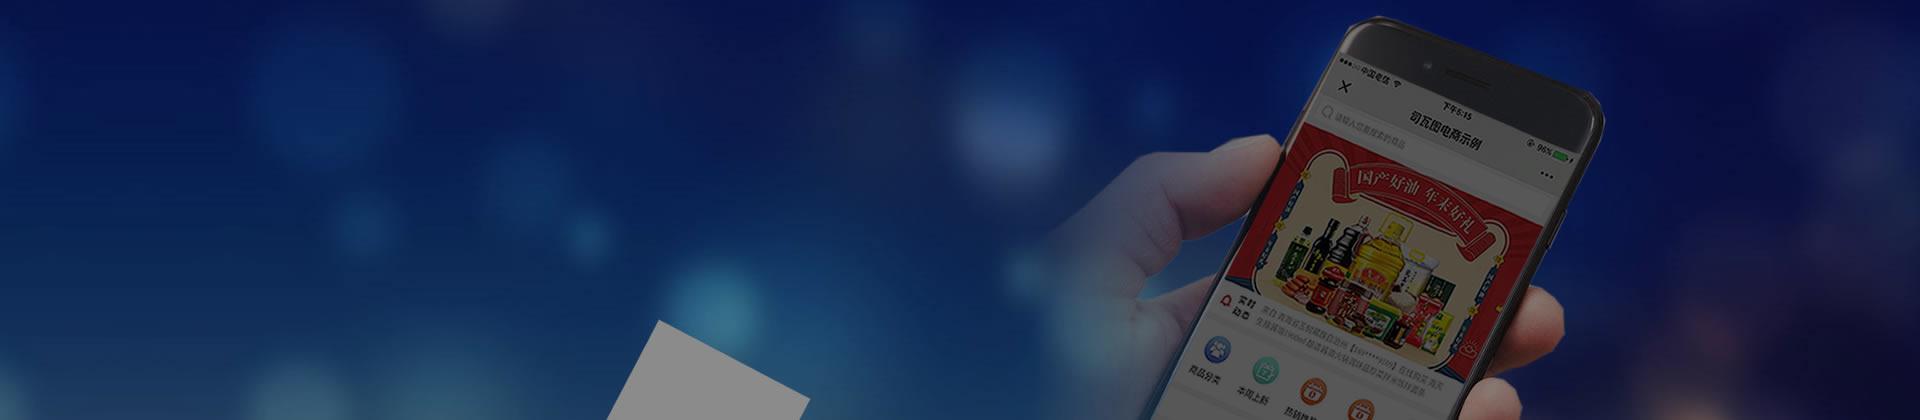 微信万博手机网页版开发